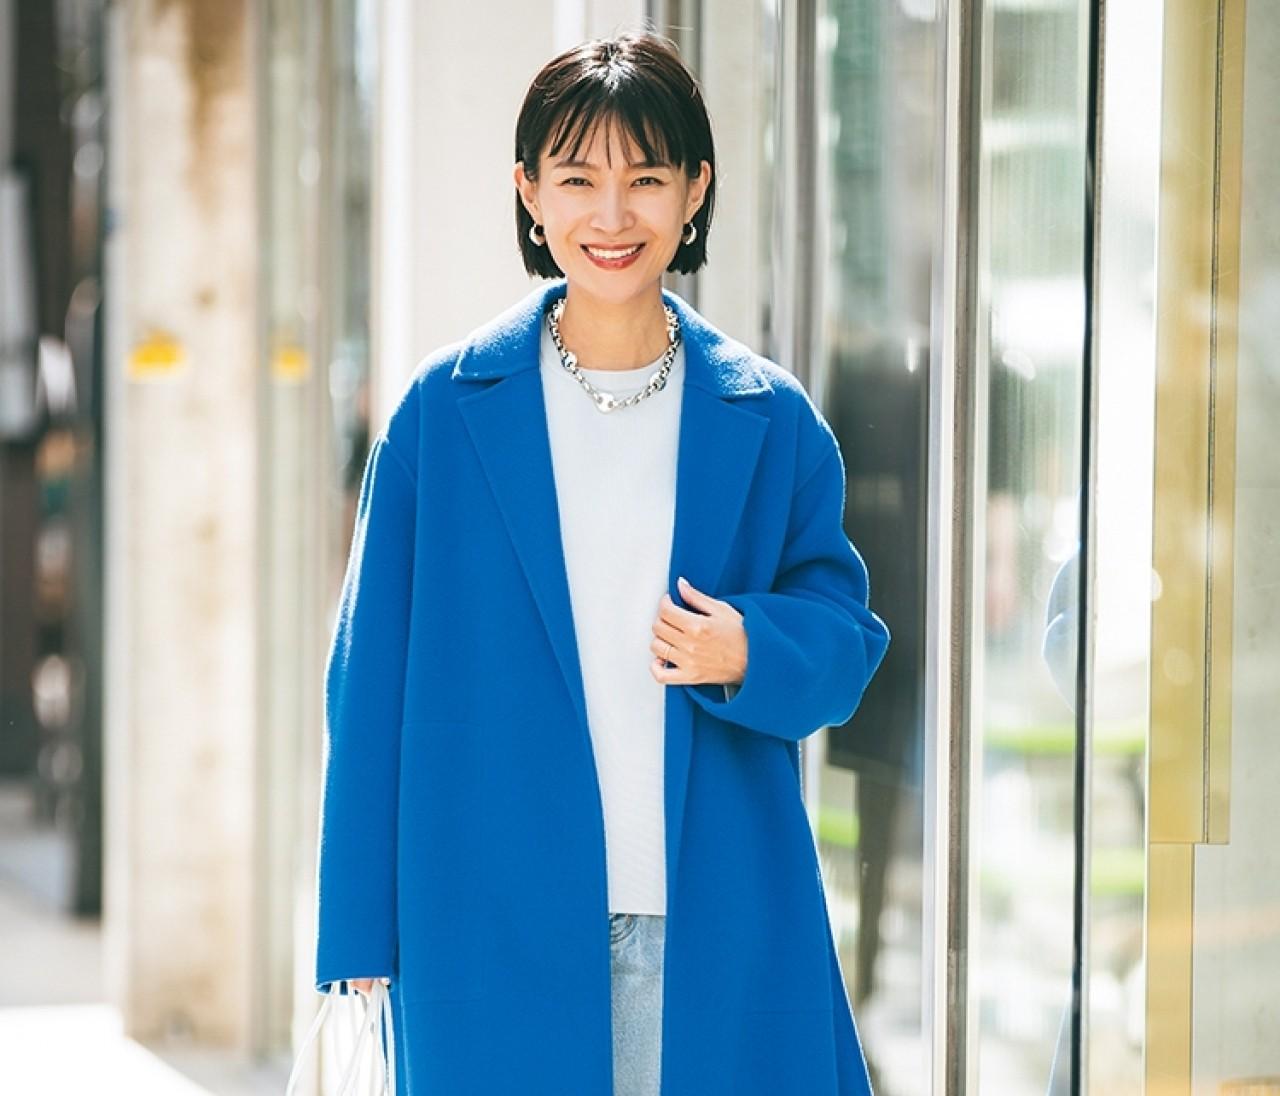 """【30代のコート選び】""""きれい色""""の着流しコートが素敵すぎる!着こなしを総チェック"""